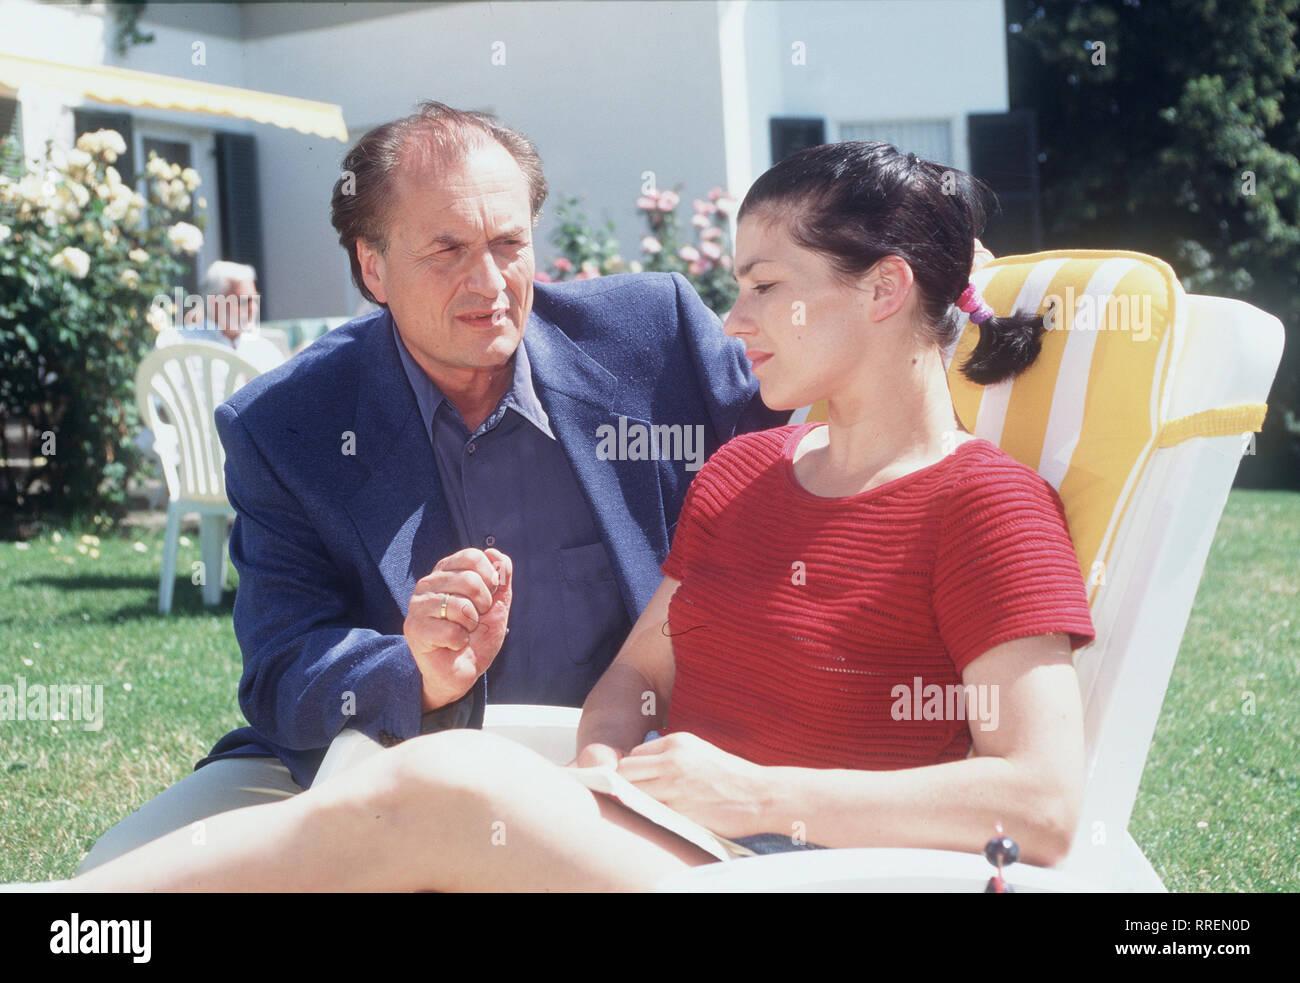 """KURKLINIK ROSENAU- In jeder Folge wird eine in sich abgeschlossene Patientengeschichte erzählt. Szene: Thomas Guttenberg (DIETRICH MATTAUSCH) will mit Eva (CLAUDIA SCHMUTZLER) über ihre """"Kurbeziehung"""" reden.  aka. Pilotfilm zur Familien-Serie / Überschrift: KURKLINIK ROSENAU / Deutschland 1995 Stock Photo"""